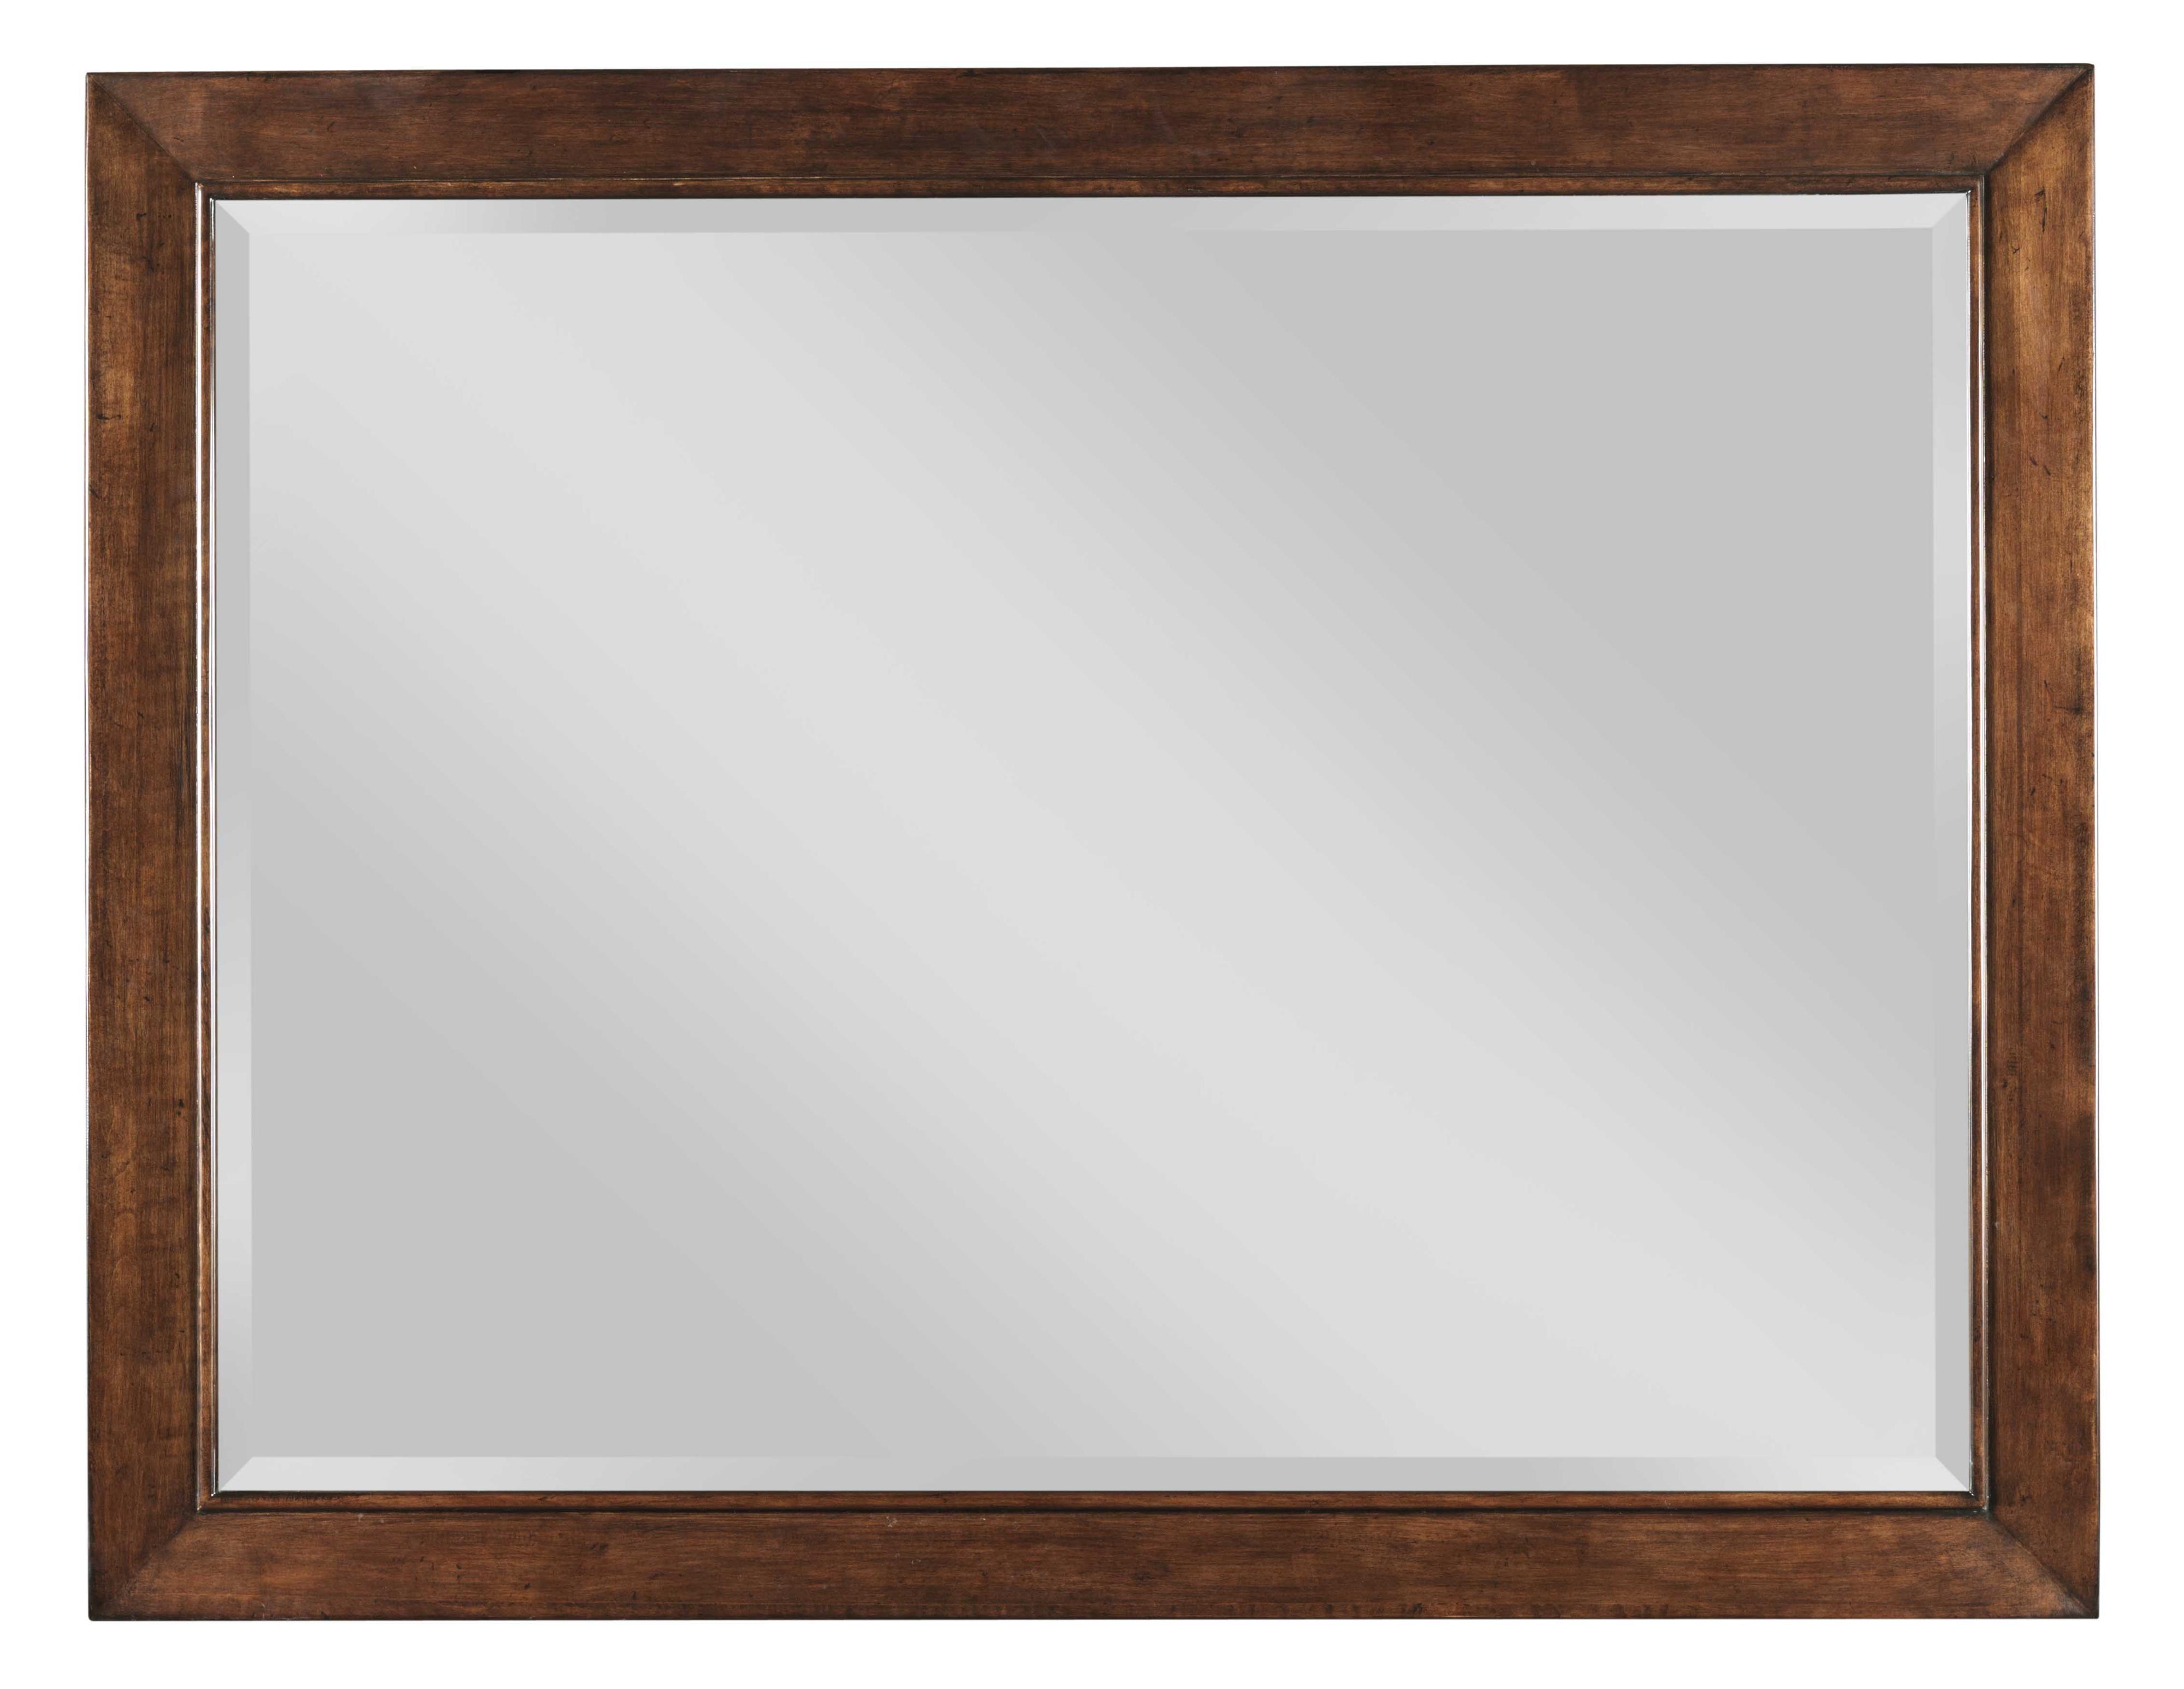 Kincaid Furniture Elise Luccia Mirror - Item Number: 77-118